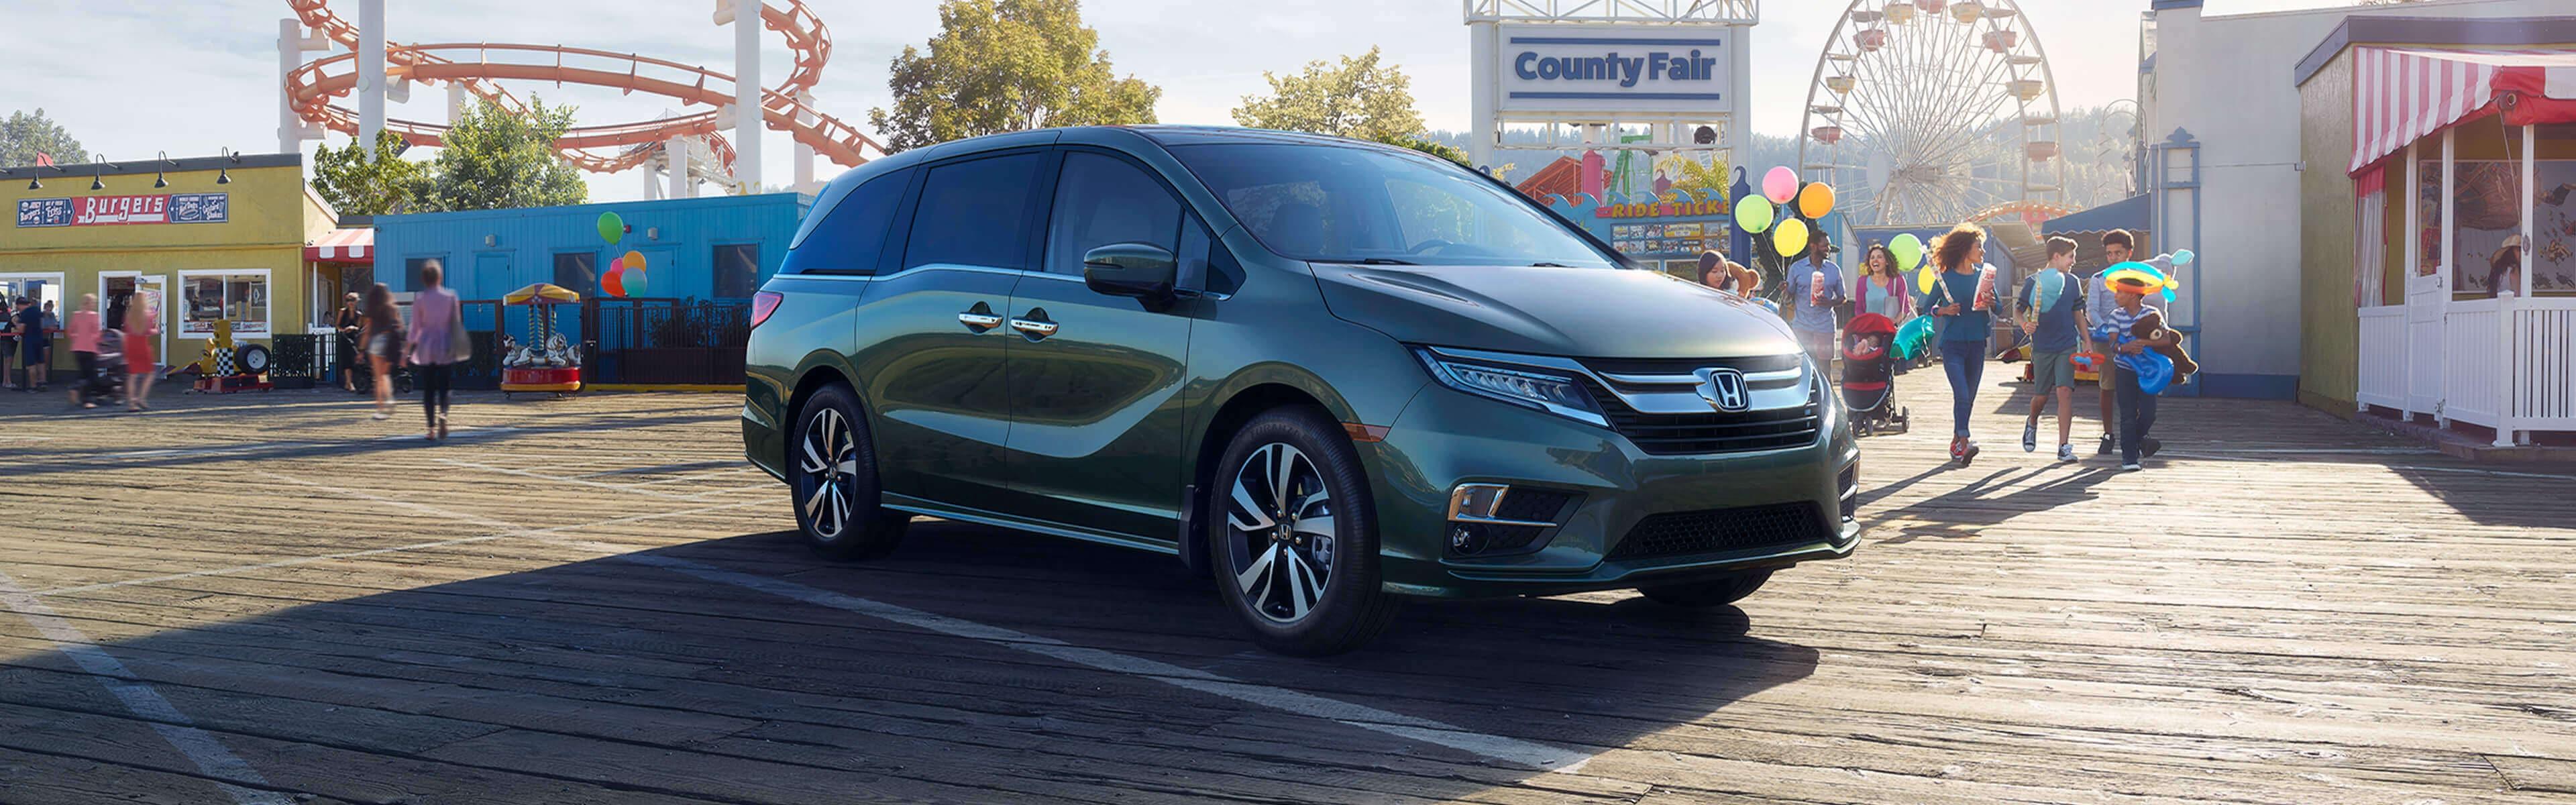 2019 Honda Odyssey Minivans In New Glasgow, NS Near Antigonish